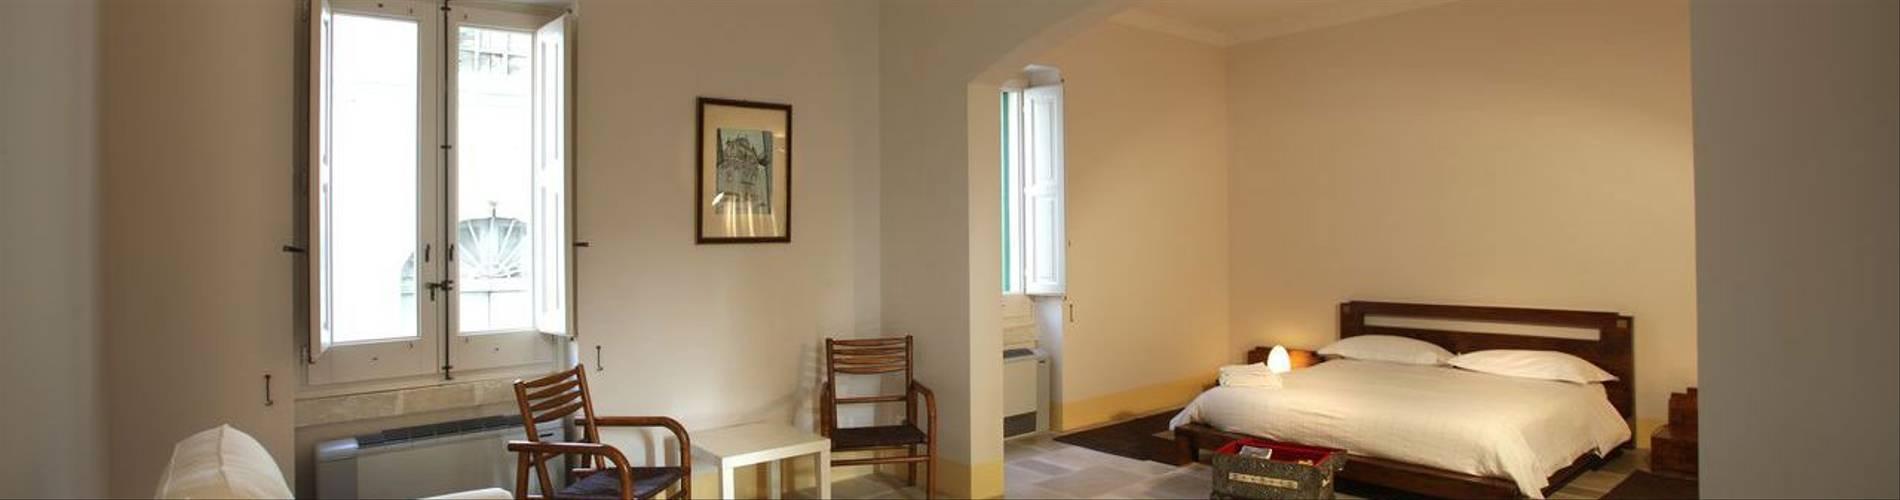 Palazzo Guglielmo, Puglia, Italy, Etne.jpg